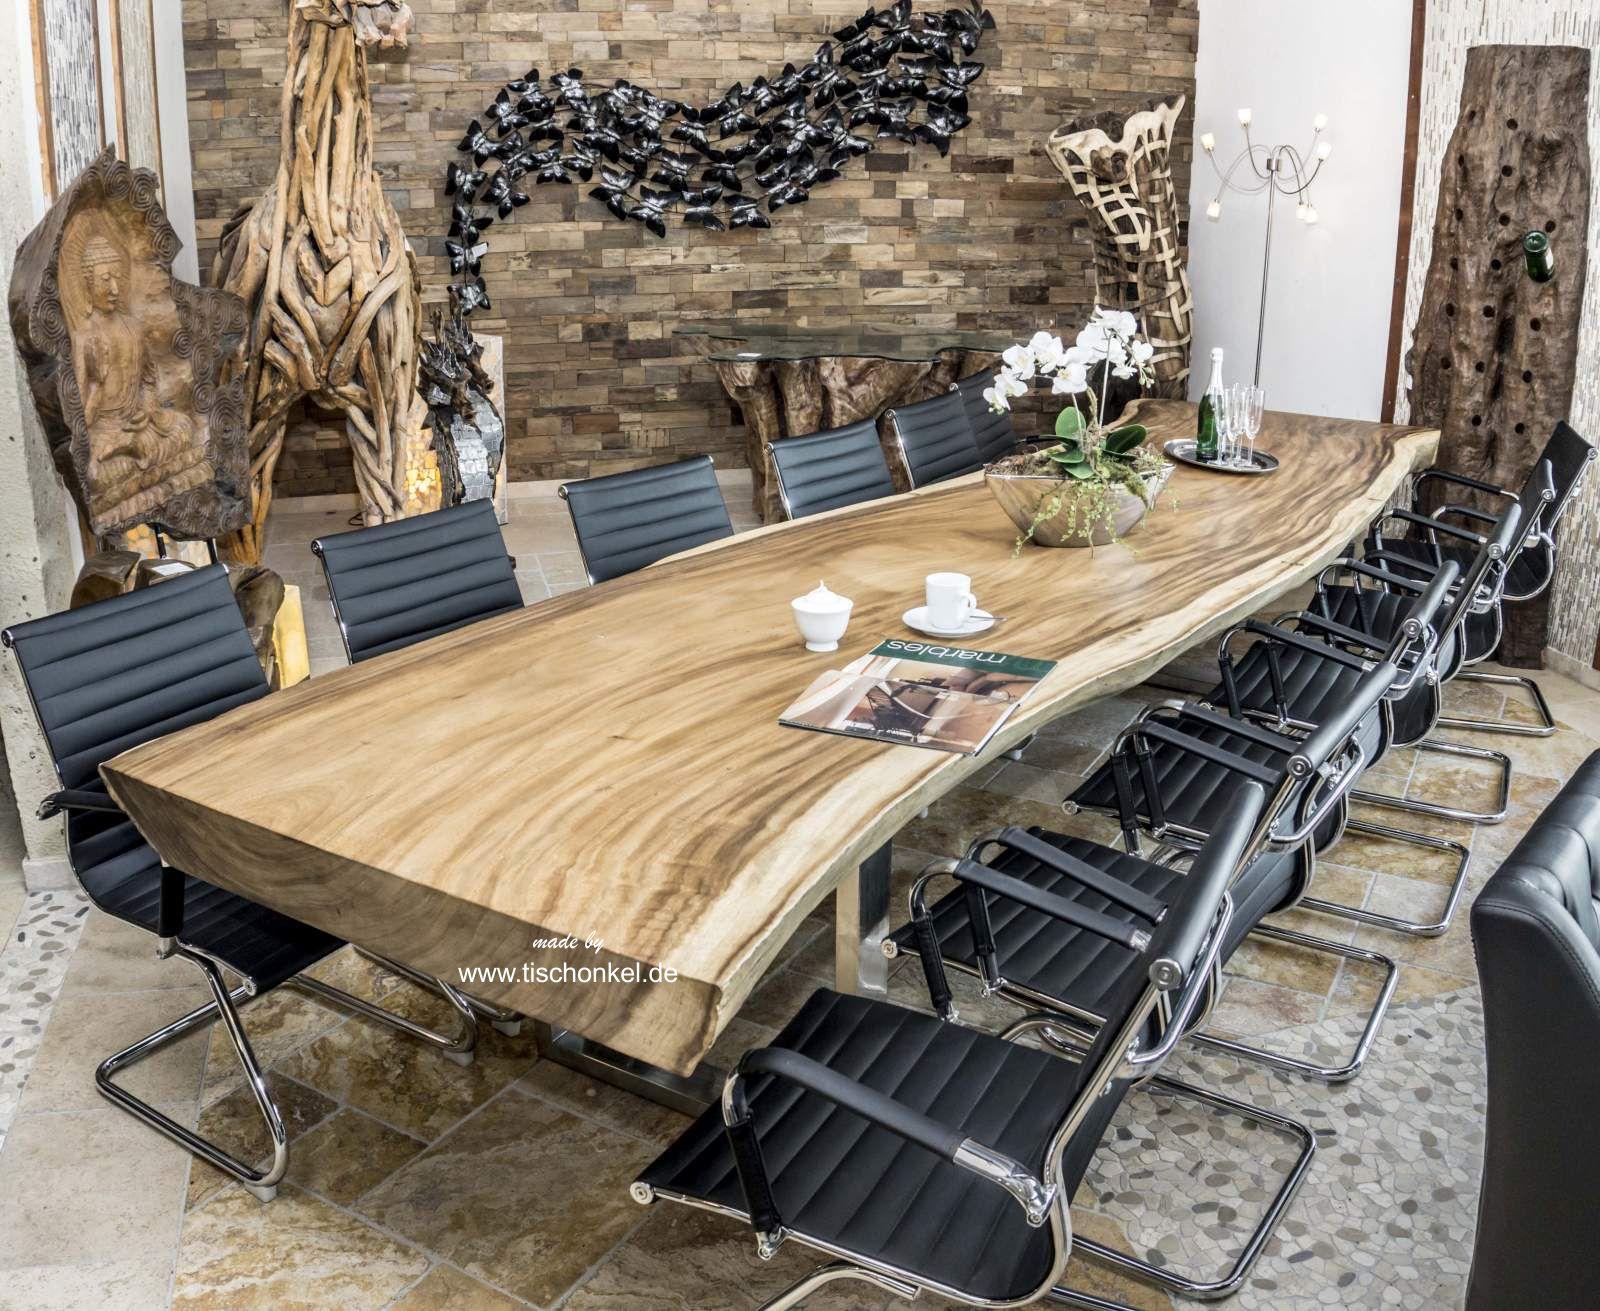 Full Size of Esstisch Konferenztisch Aus Einer Bohle 400 Cm Der Tischonkel Weiß Oval Wildeiche Teppich Esstische Ausziehbar Akazie Mit 4 Stühlen Günstig Grau Massiv Holz Esstische Massiver Esstisch